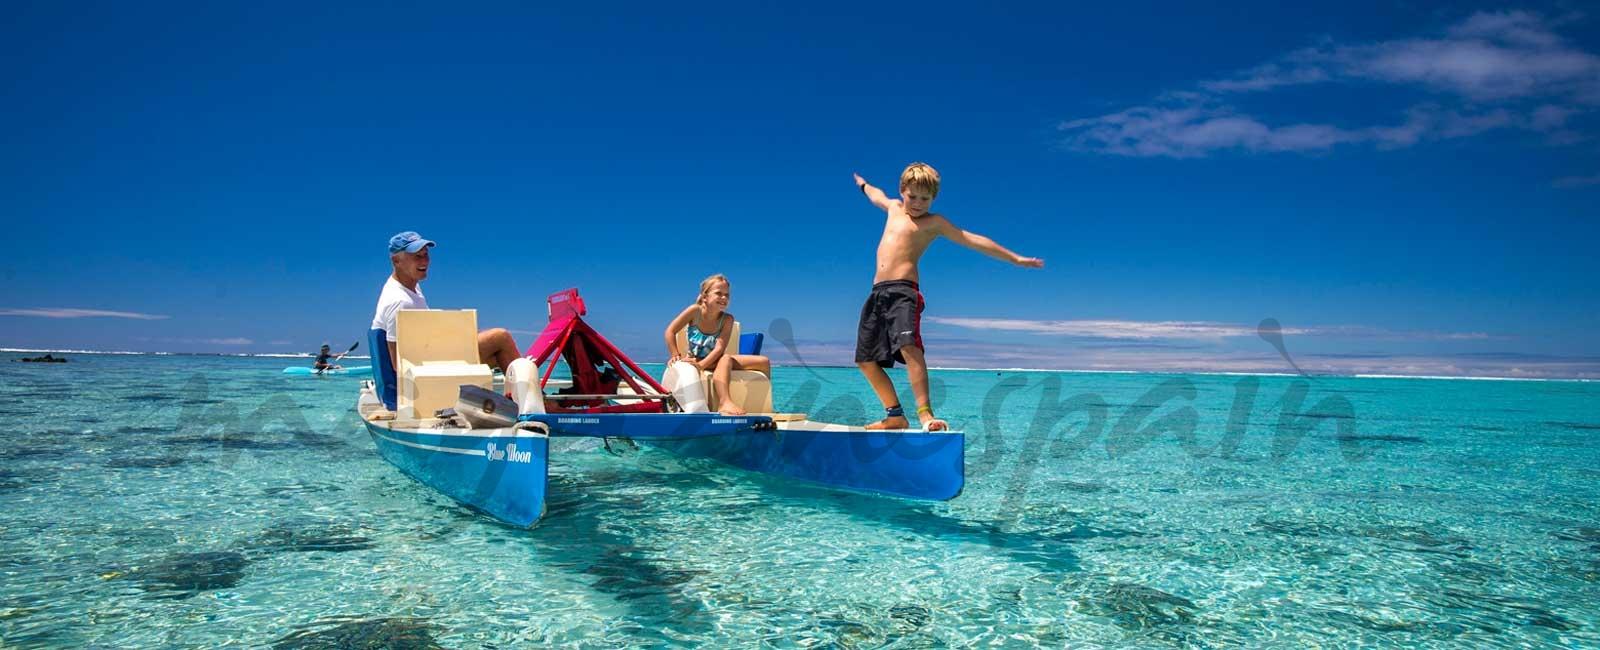 Islas Cook, un paraíso inagotable para familias